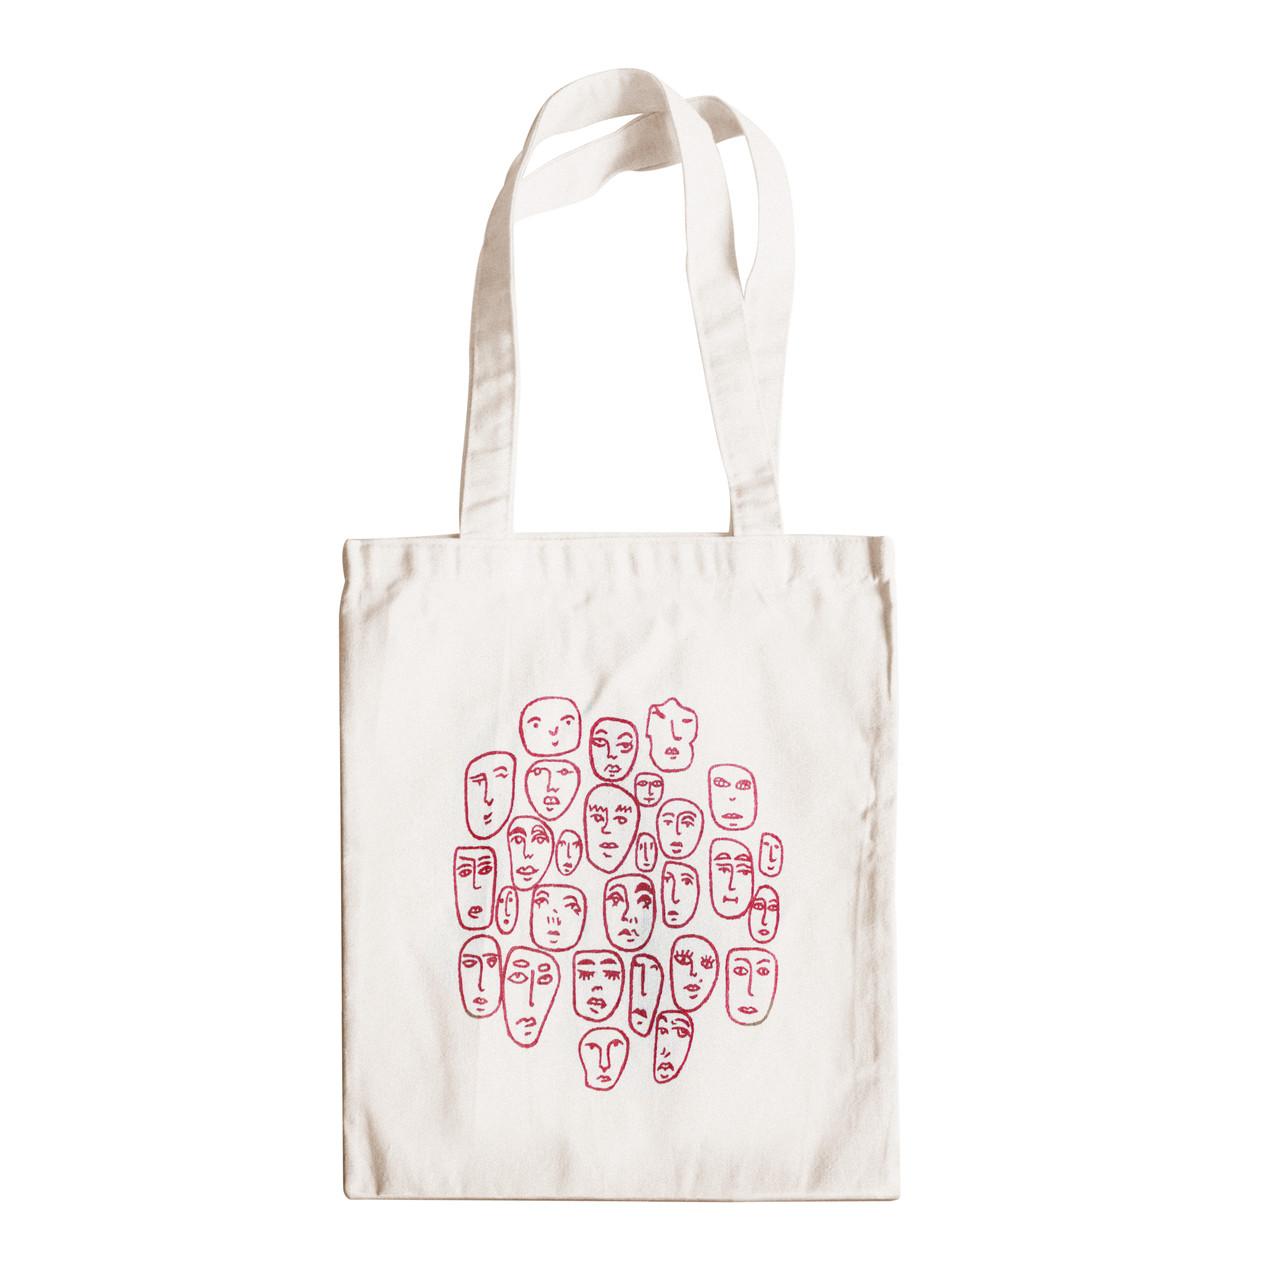 """Трикотажная светлая бежевая сумка для покупок """"эко-шоппер"""" ручной работы с принтом """"Faces"""",двунитка"""